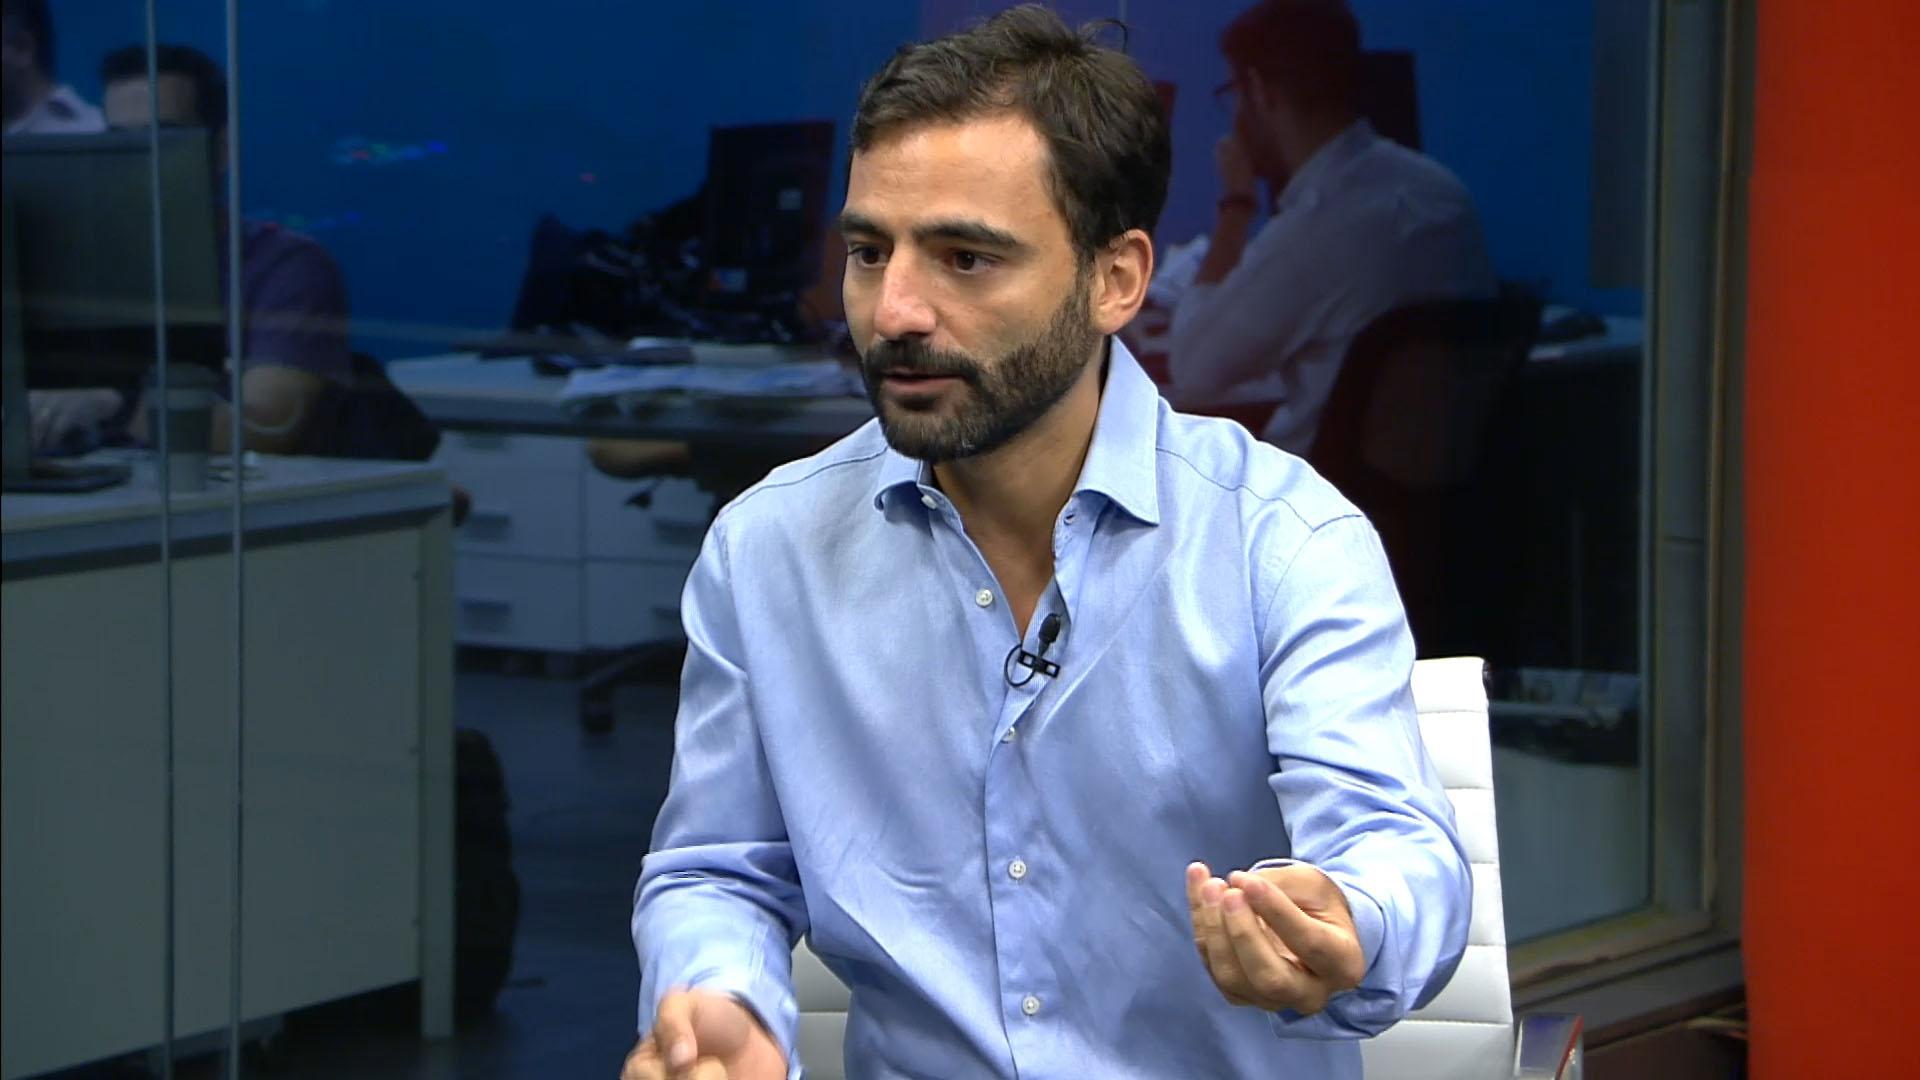 Cavazzani creó una empresa que, según un estudio privado, podría valer entre USD 500 y 1.000 millones